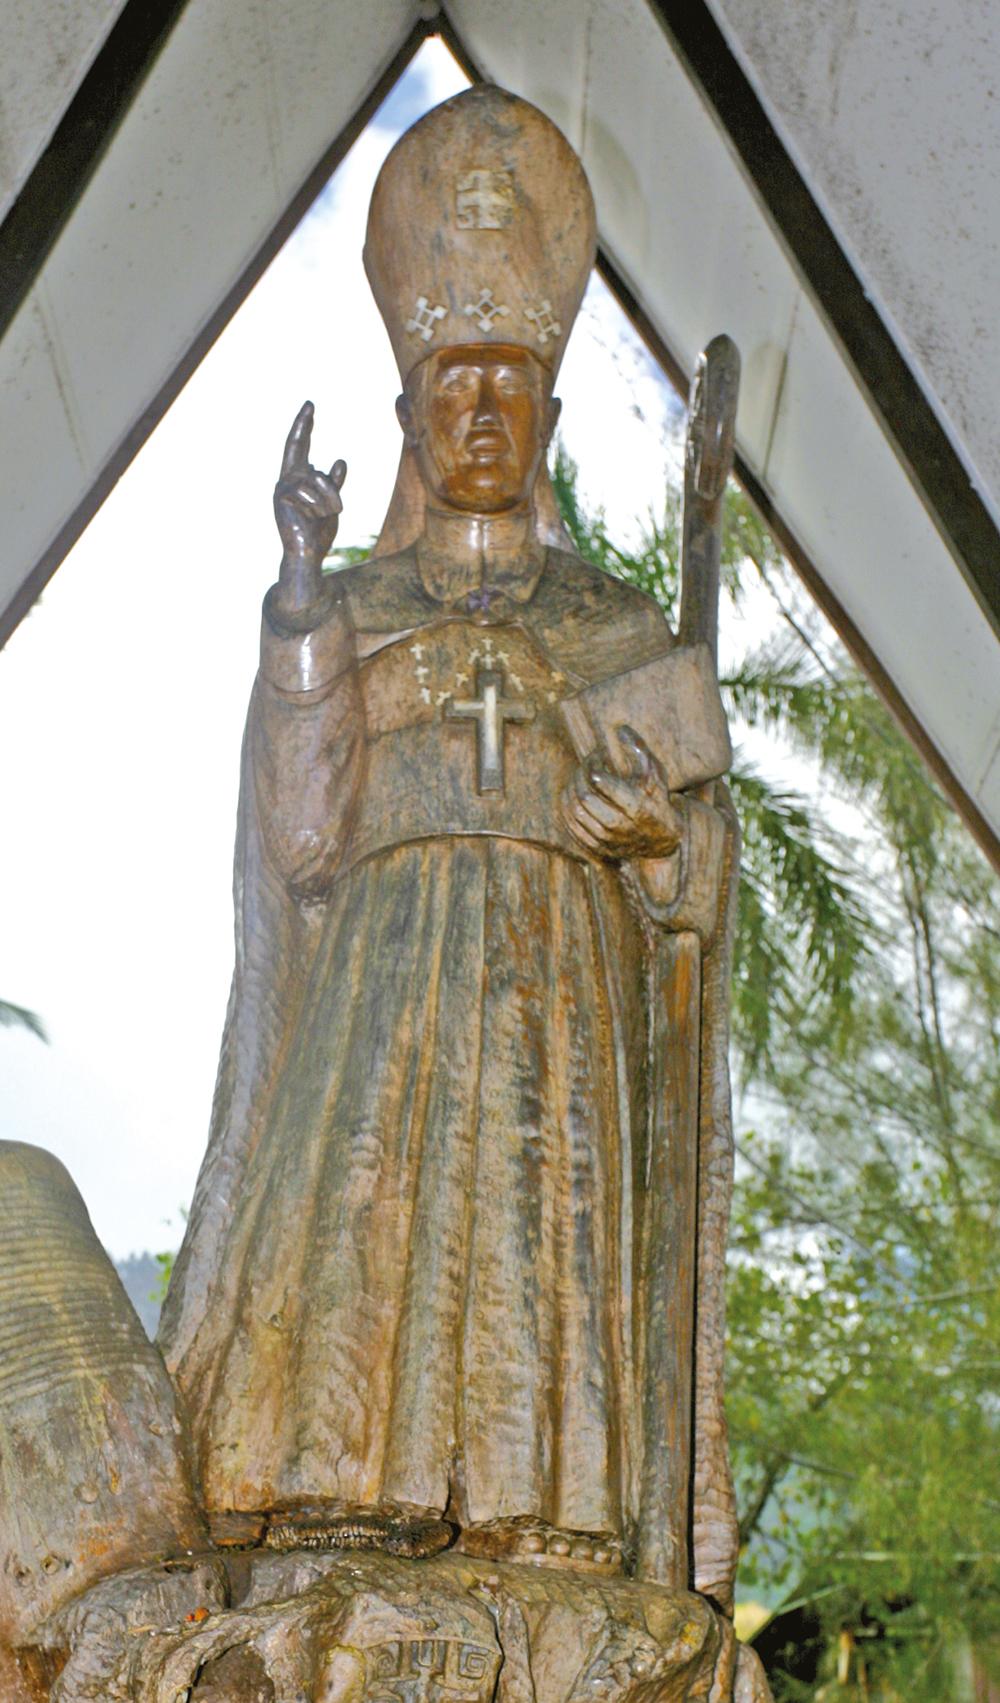 Mgr Dordillon, dont une statue à la cathédrale de Taiohae rappelle son action, fêta avec Bergasse du Petit-Thouars le retour à la paix civile dans l'archipel marquisien.